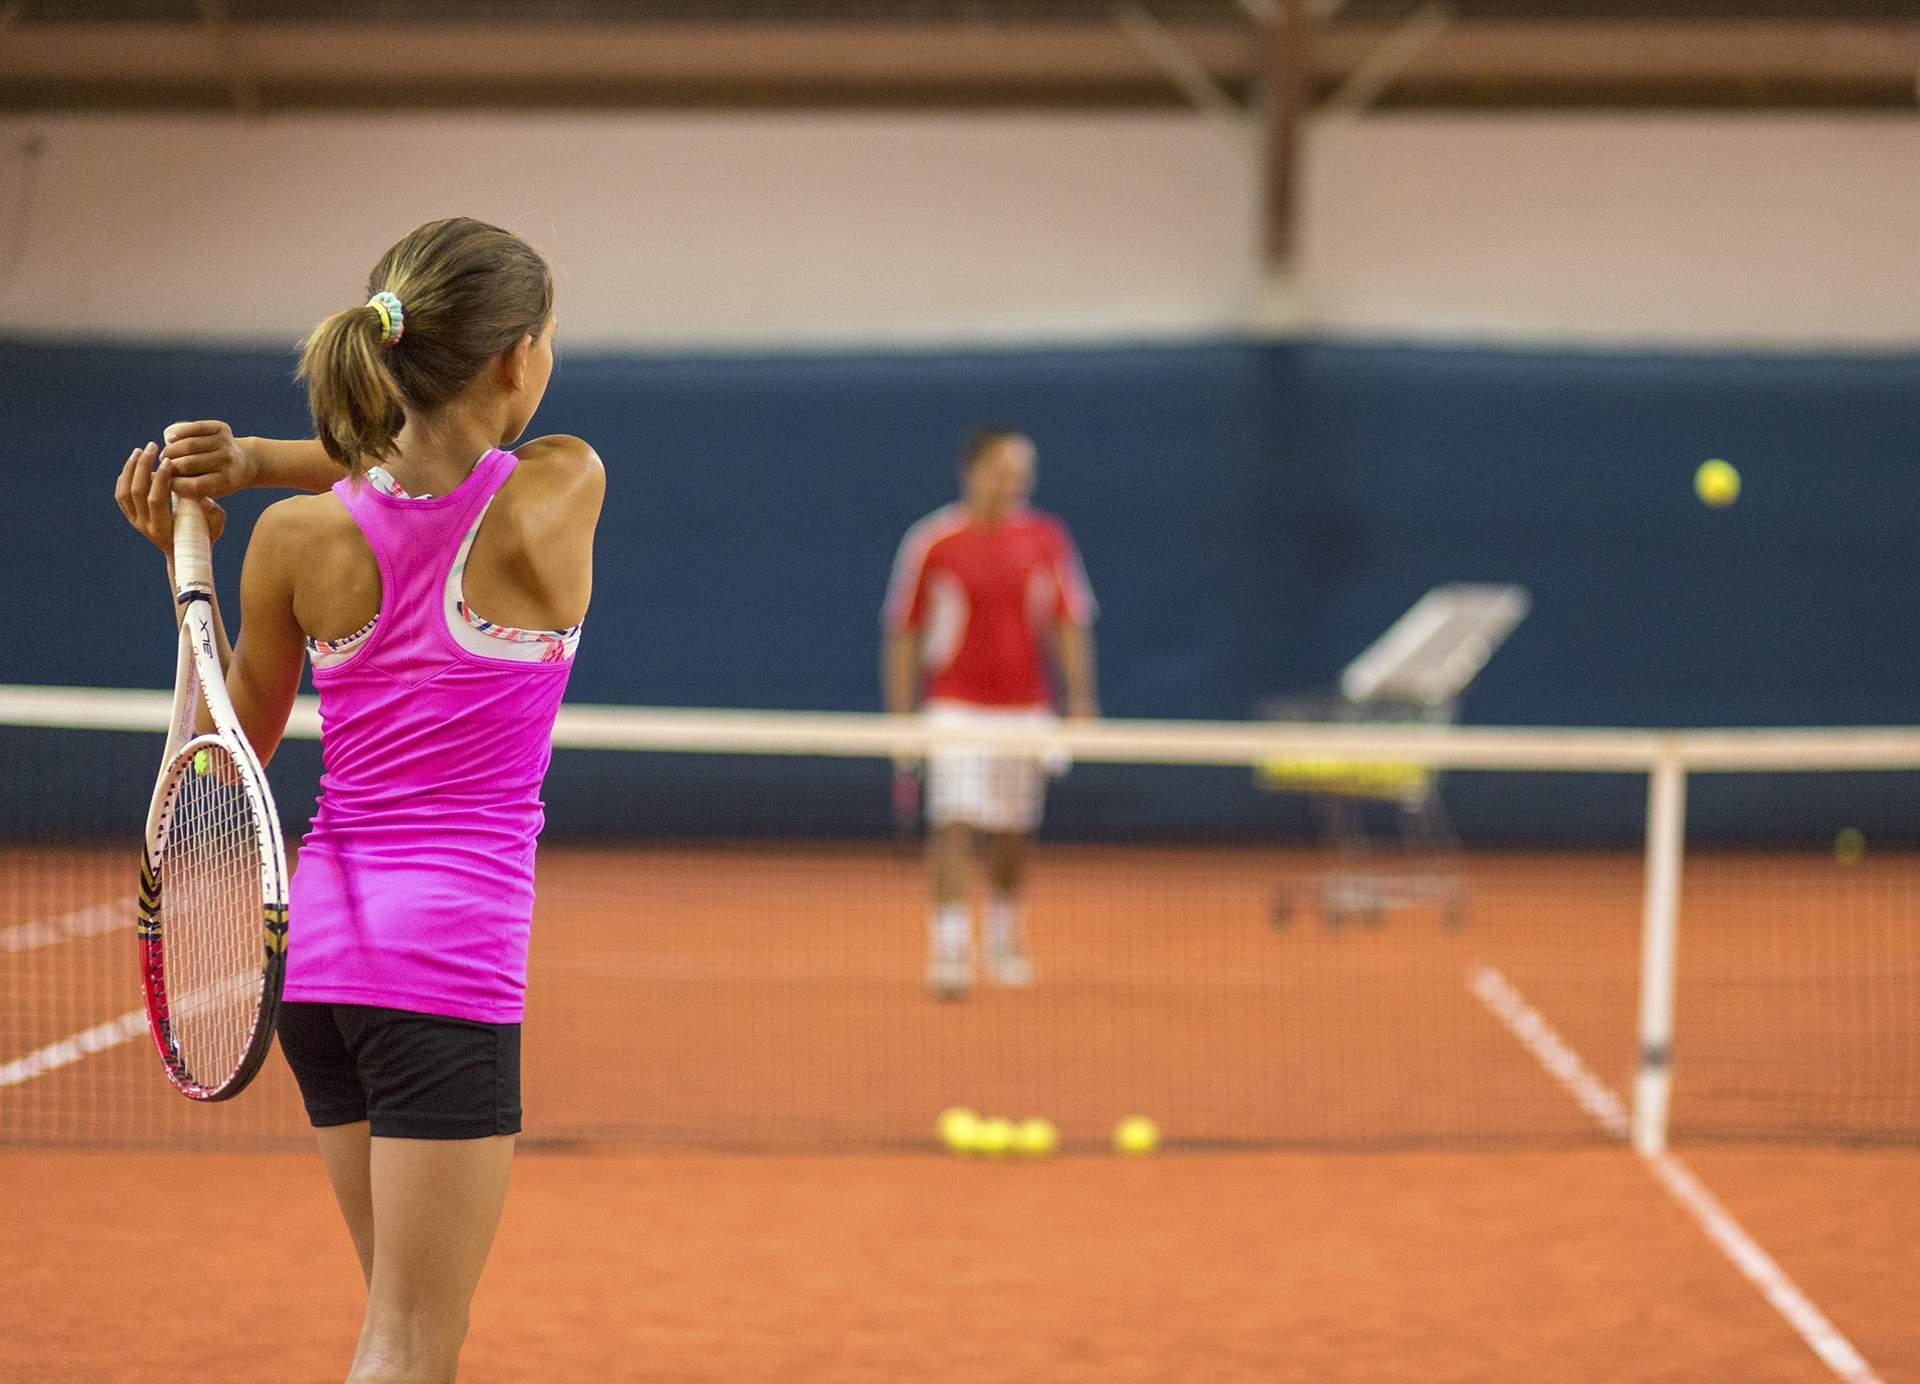 Professionelles Tennistraining